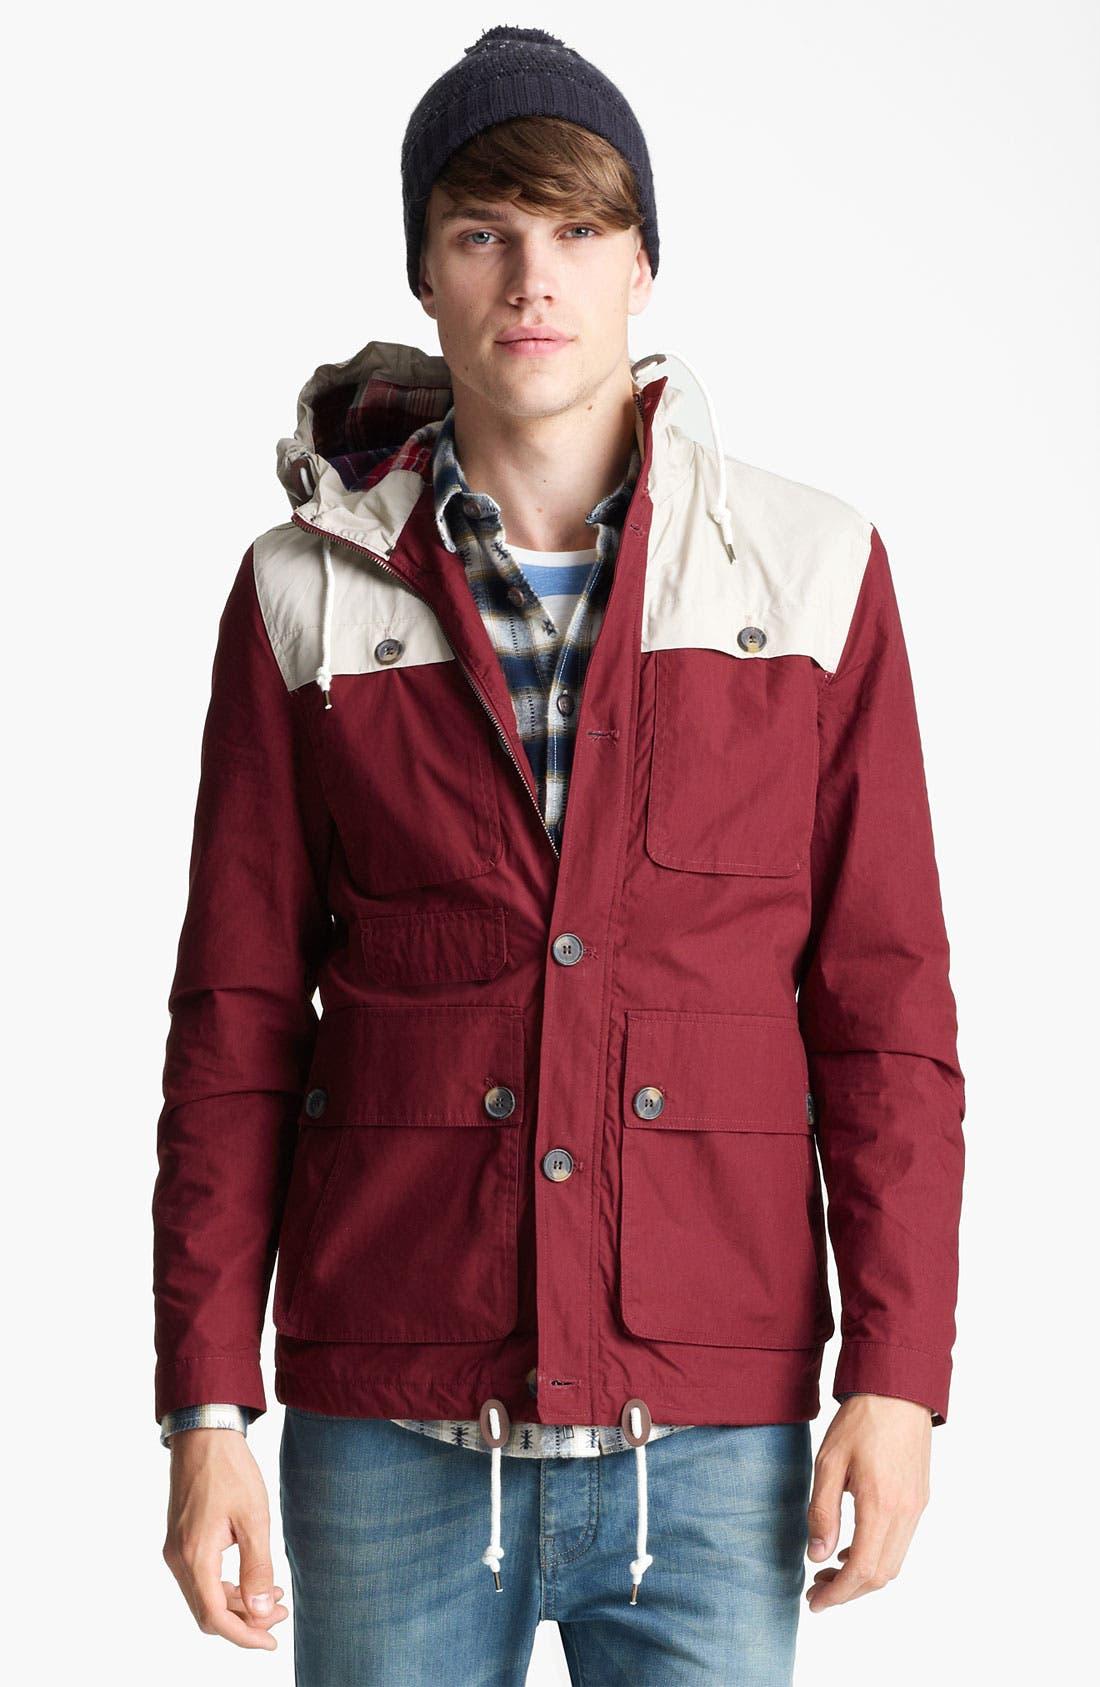 Alternate Image 1 Selected - Topman Colorblock Hooded Jacket